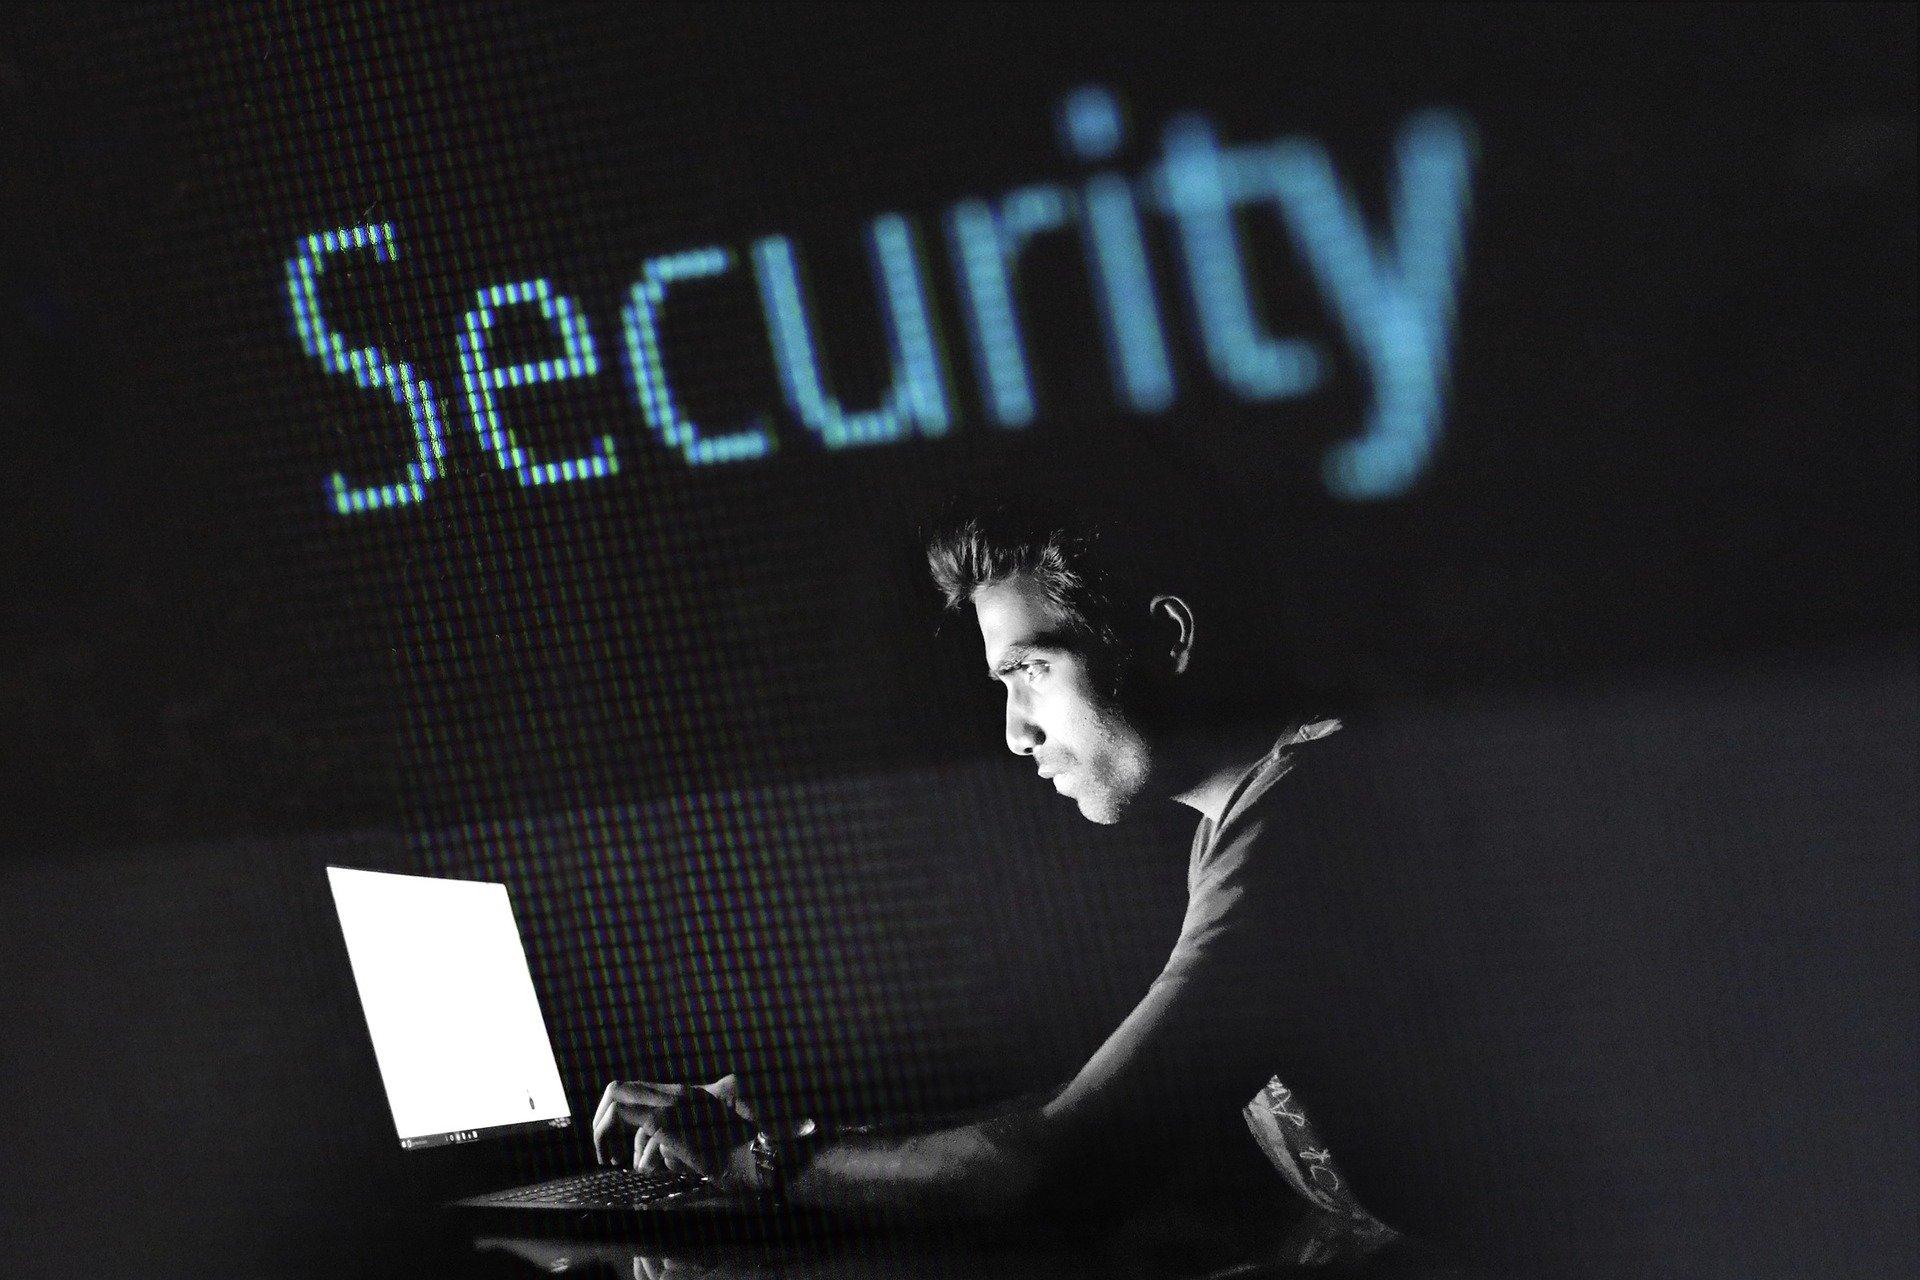 hacking-2964100_1920